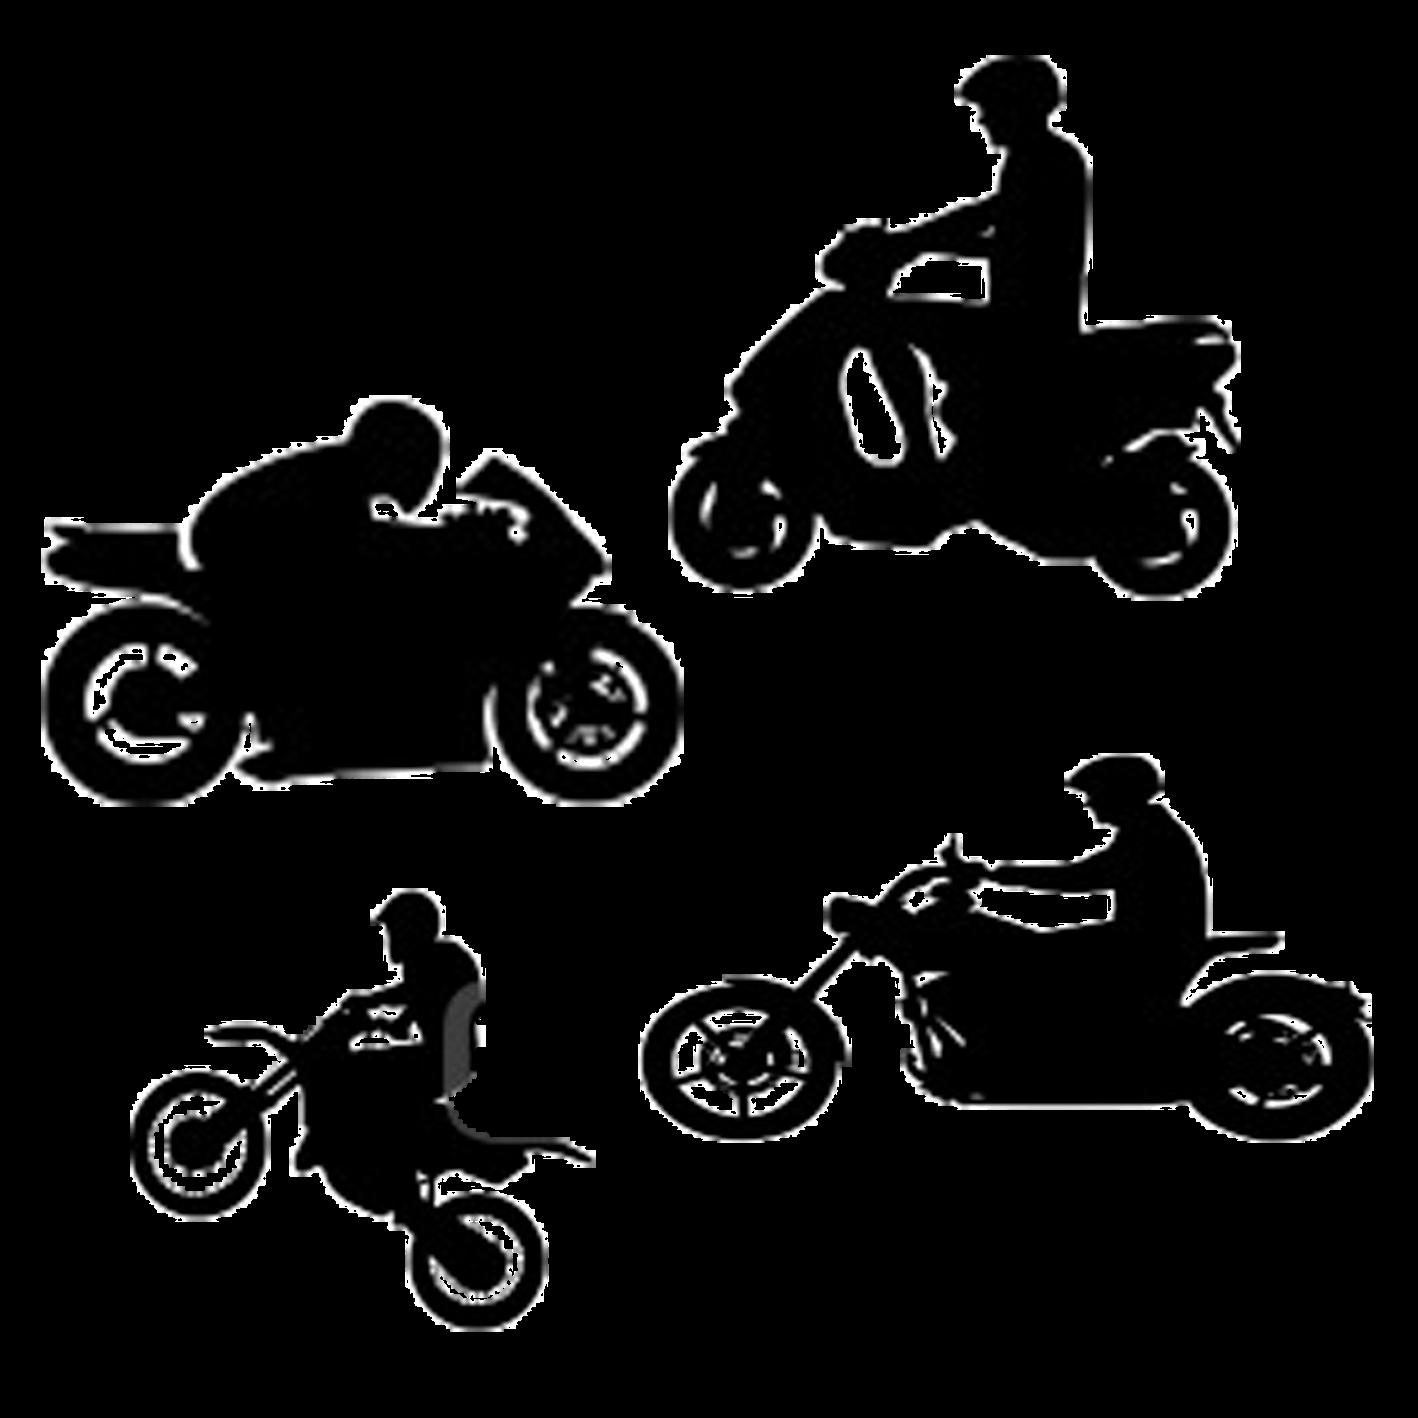 gambar sepeda motor png terlengkap gentong modifikasi